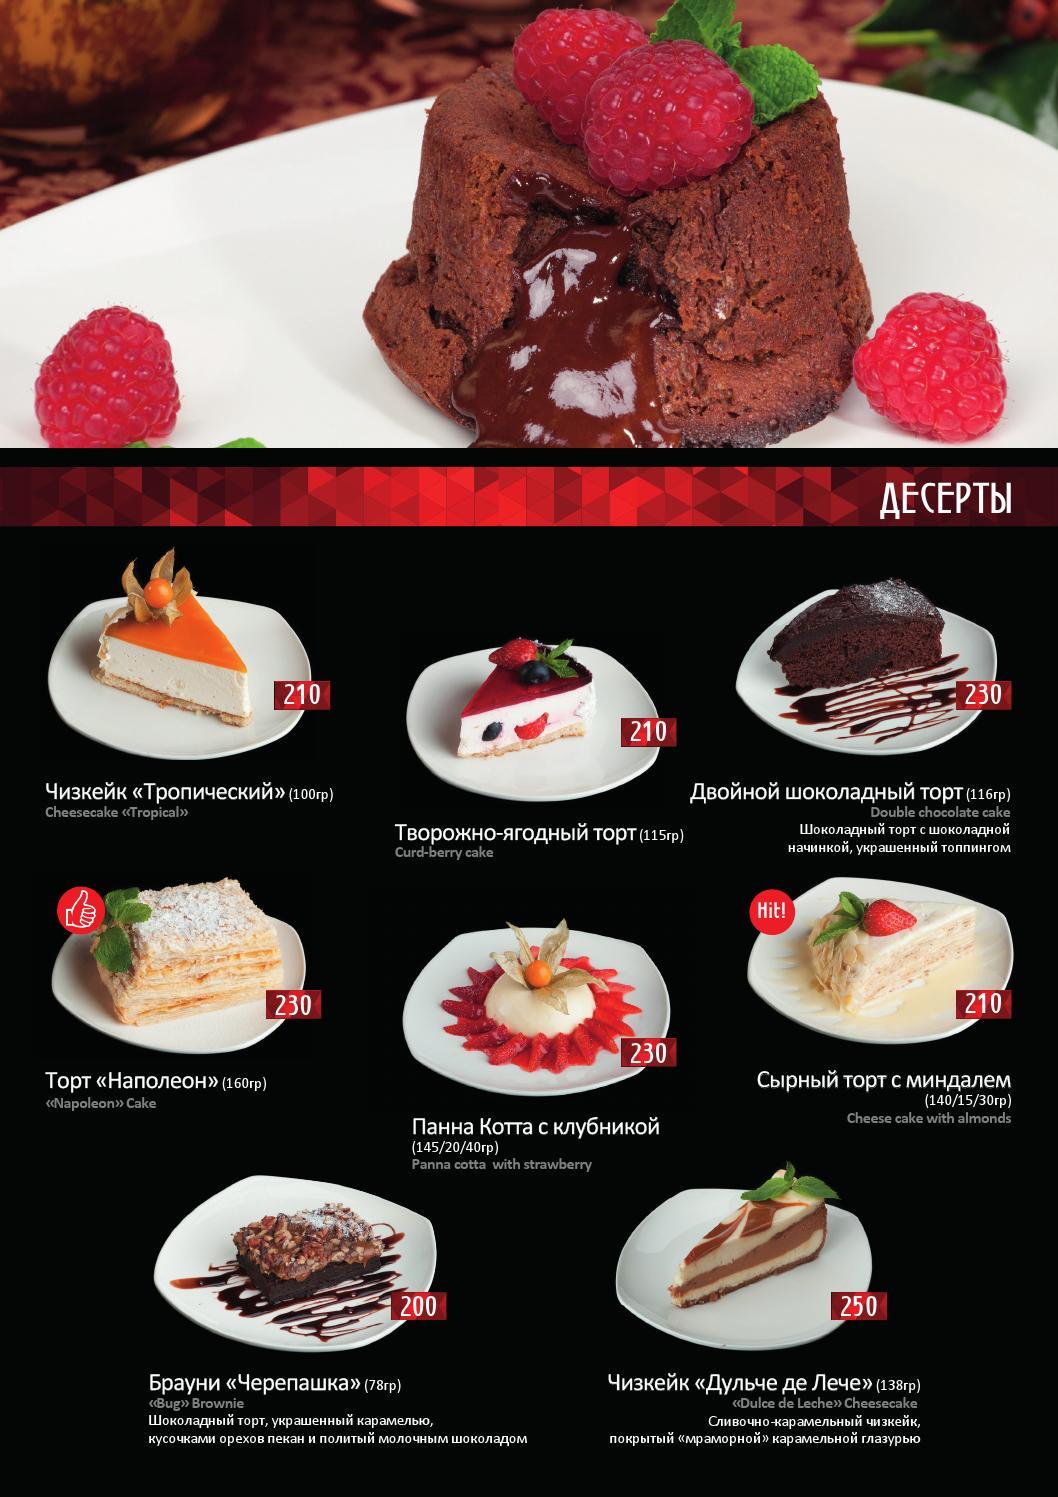 меню ресторана с фотографиями десертов камера своими